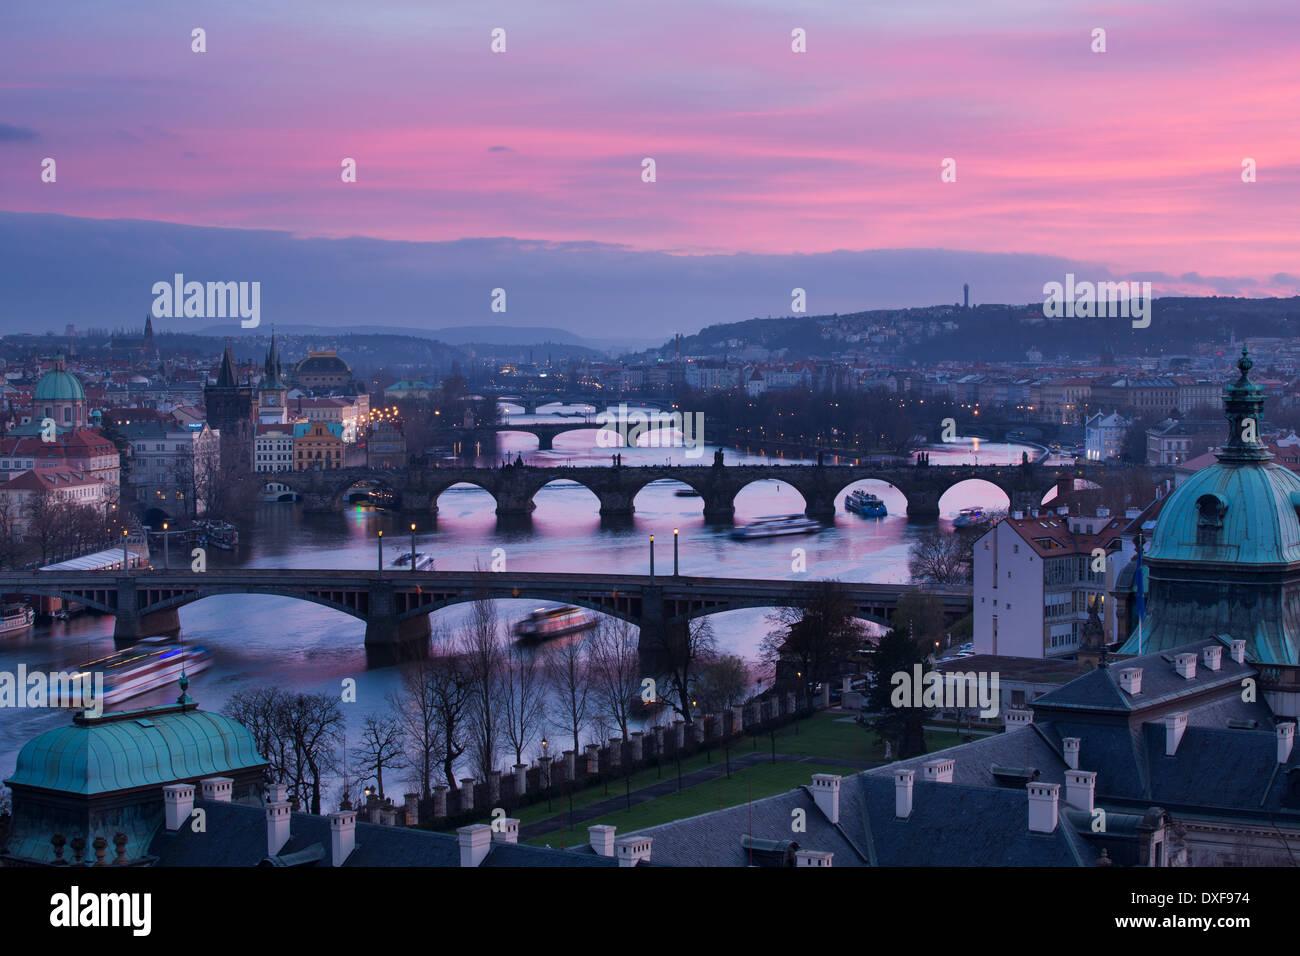 La criniera, Charles e la legione dei ponti che attraversano il fiume Moldava al tramonto, con la Città Vecchia sulla sinistra, Praga, Repubblica Ceca Immagini Stock